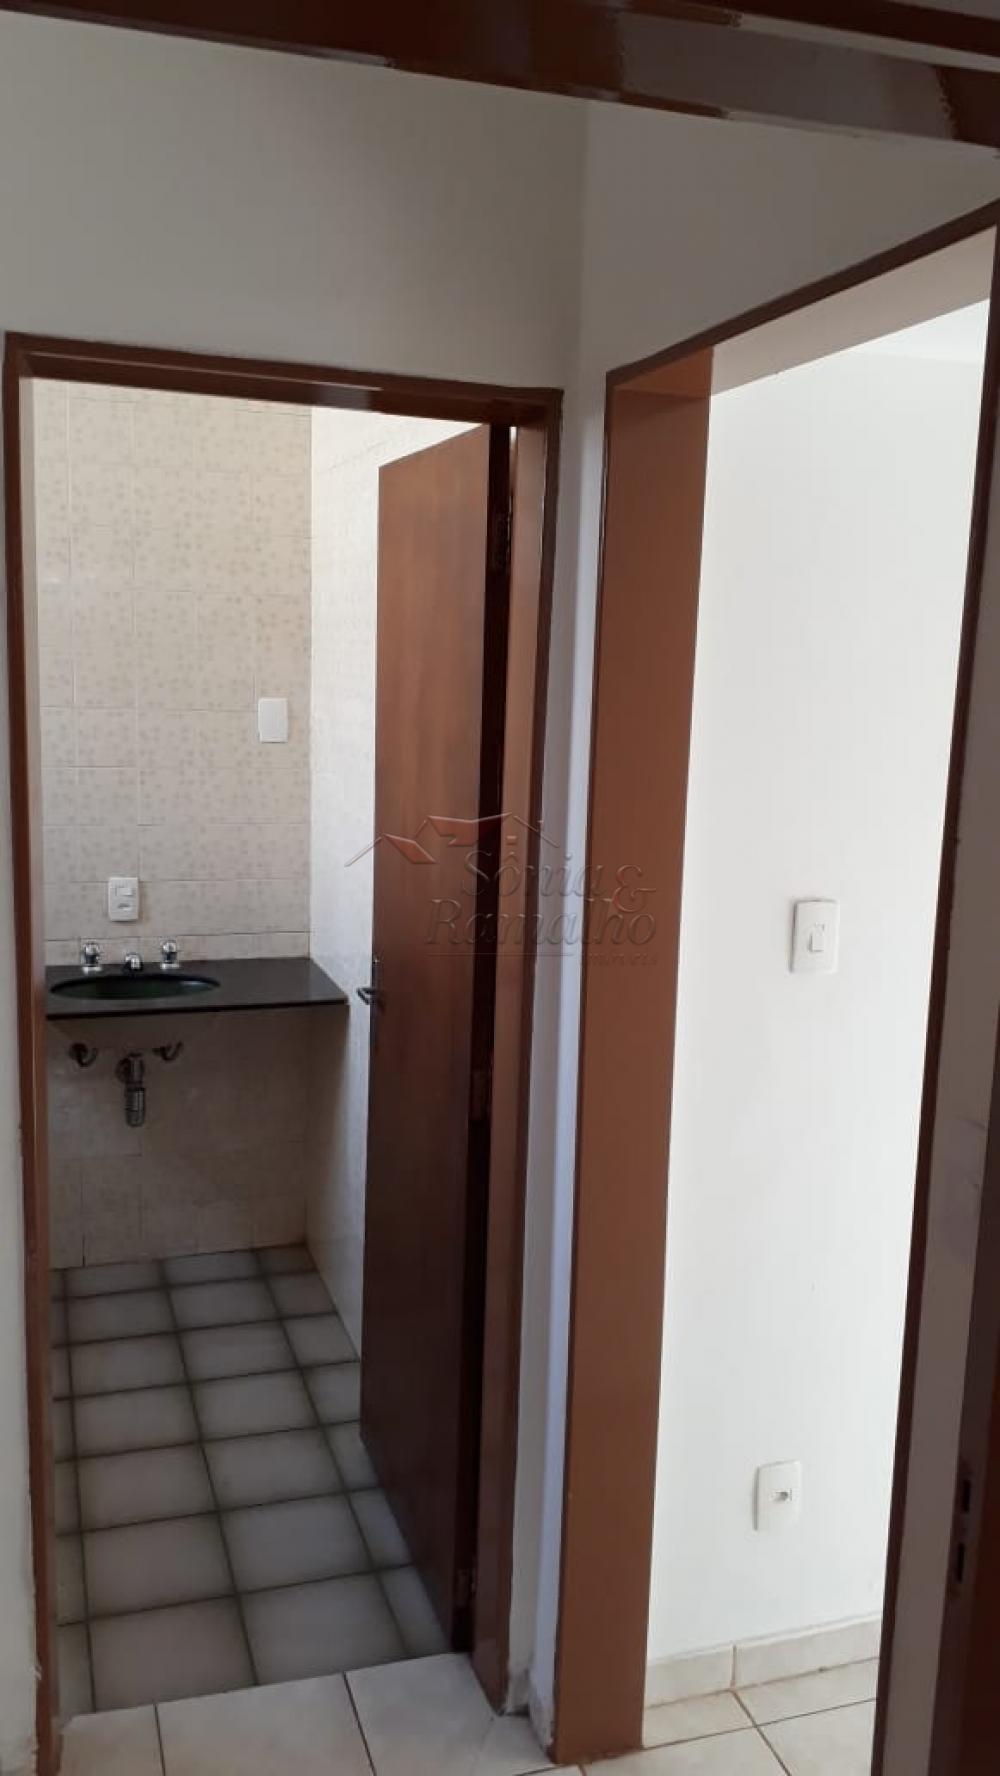 Alugar Casas / Padrão em Ribeirão Preto apenas R$ 1.500,00 - Foto 33